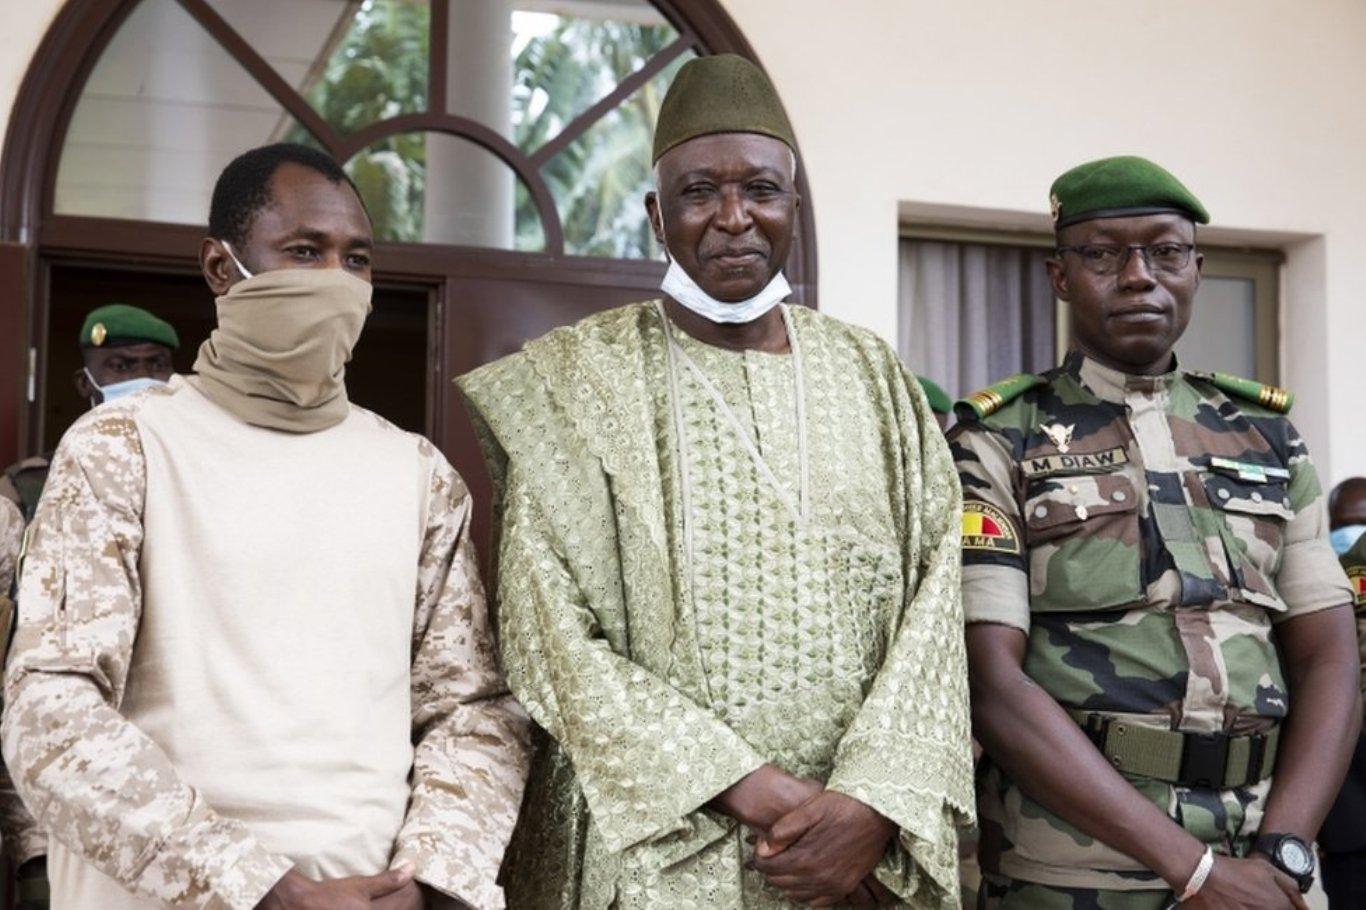 Mali interim president sworn in, vows handover power within 18-month limit